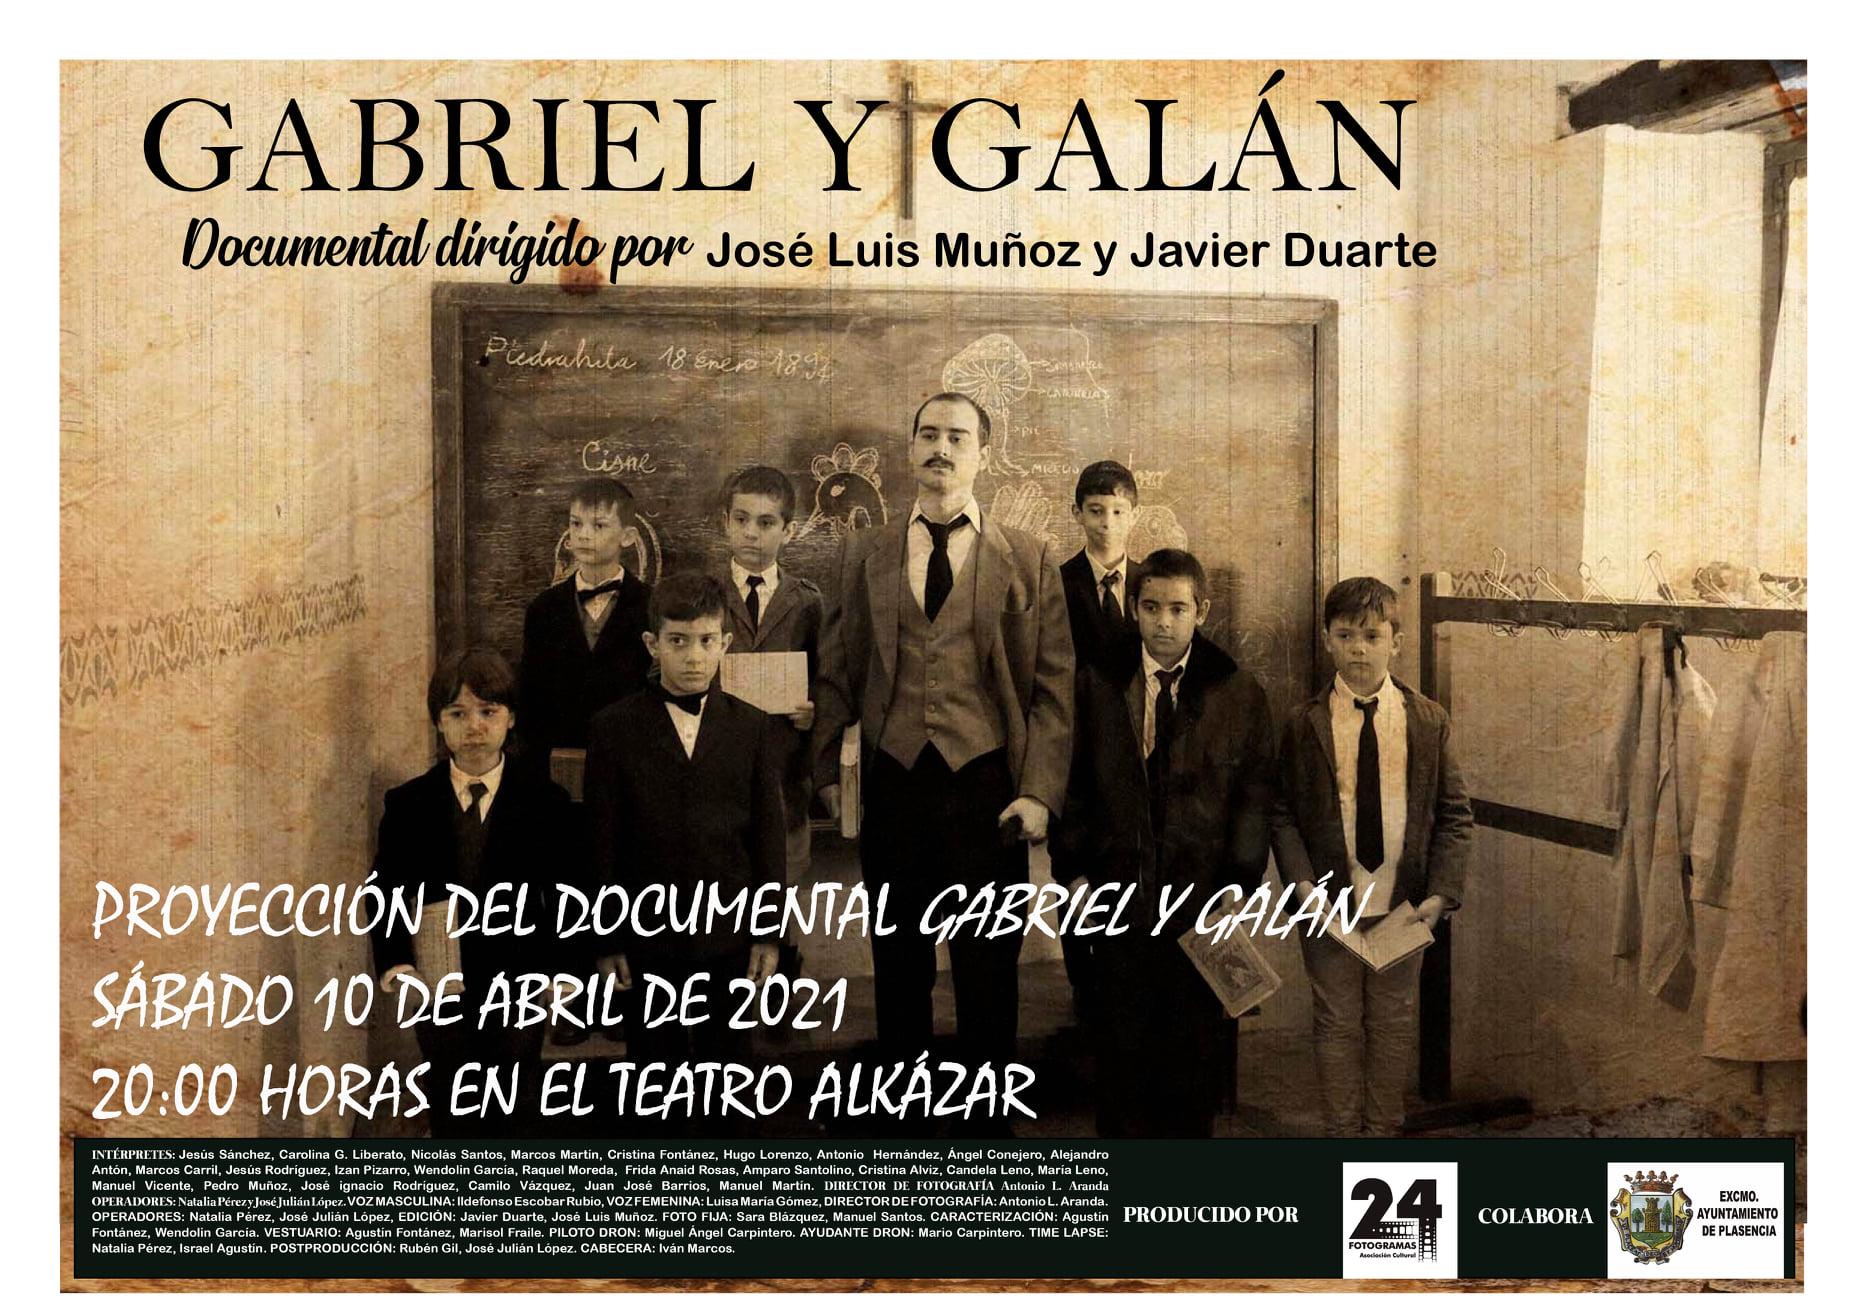 Estreno del documental 'Gabriel y Galán'